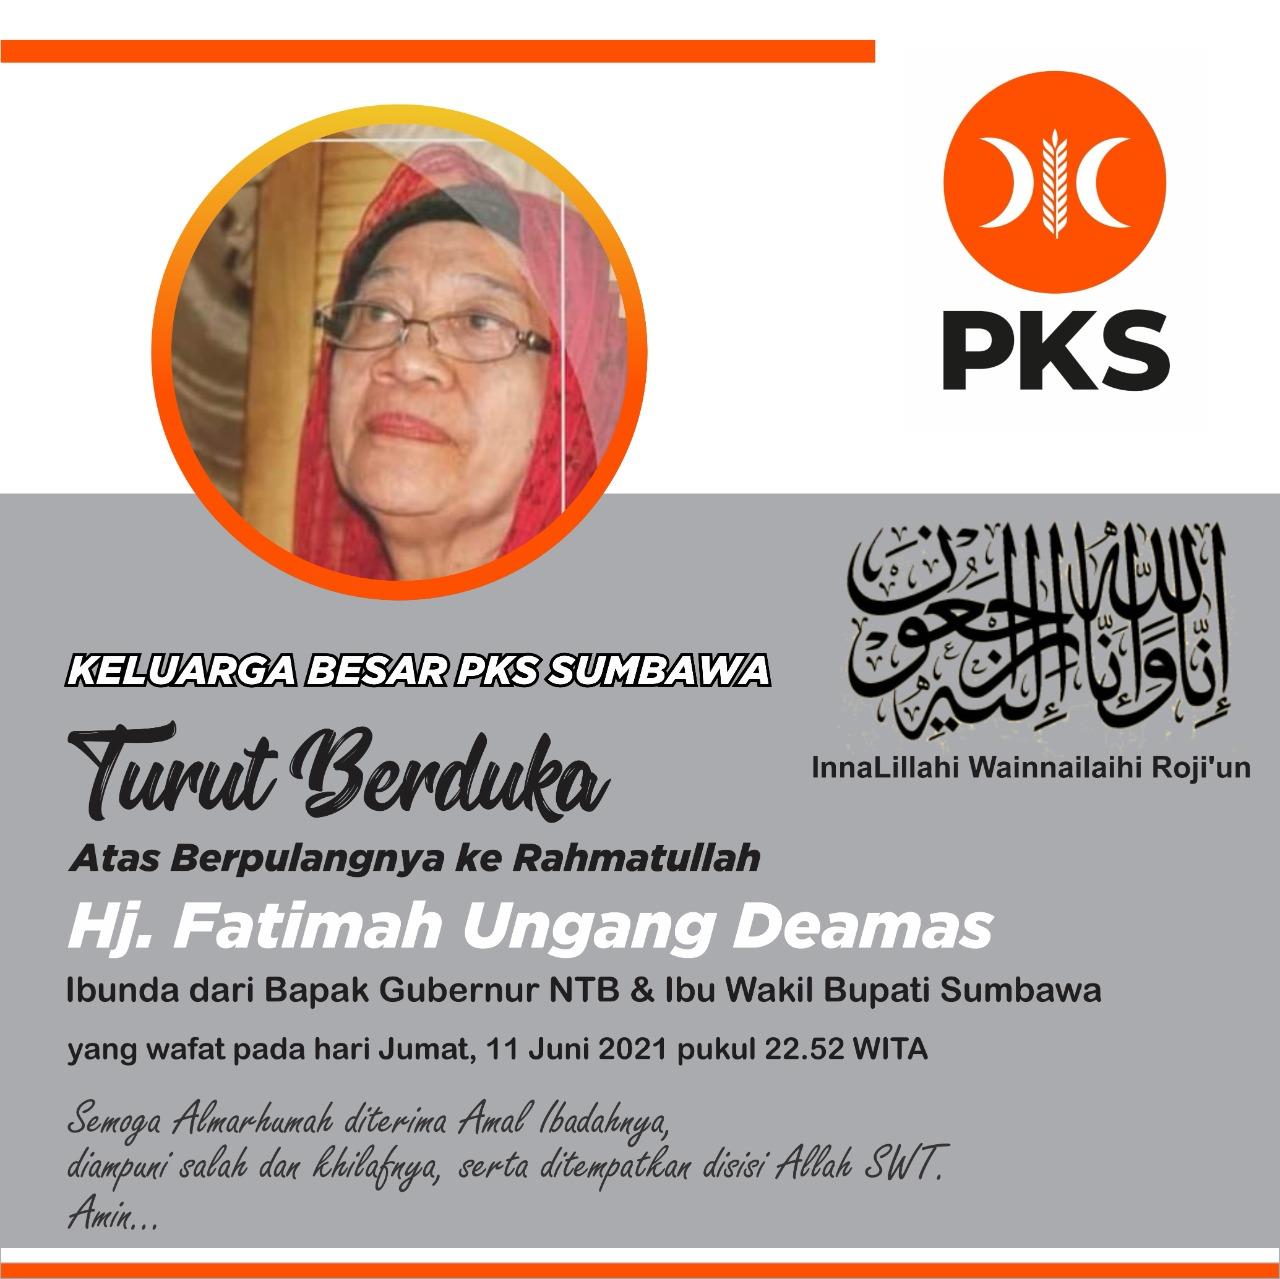 Keluarga Besar PKS Sumbawa Berduka